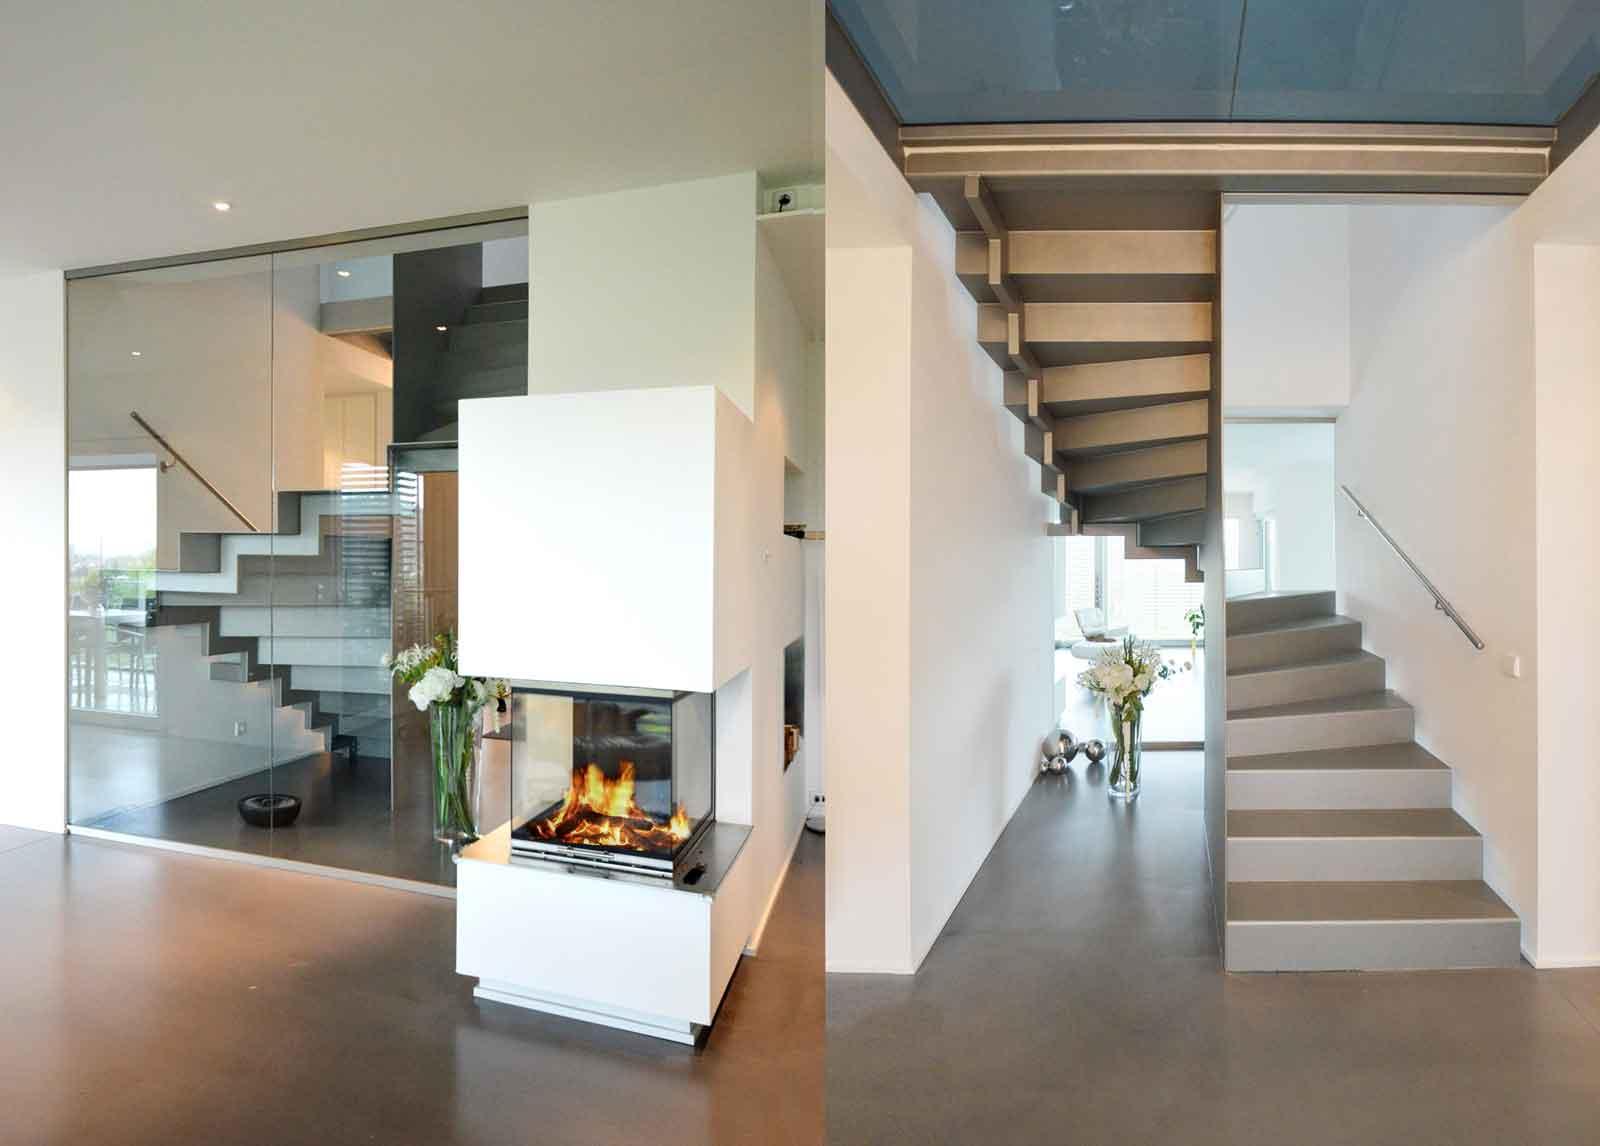 Einfamilienhaus Mit Garage In Lörrach-Hauingen, Nahe